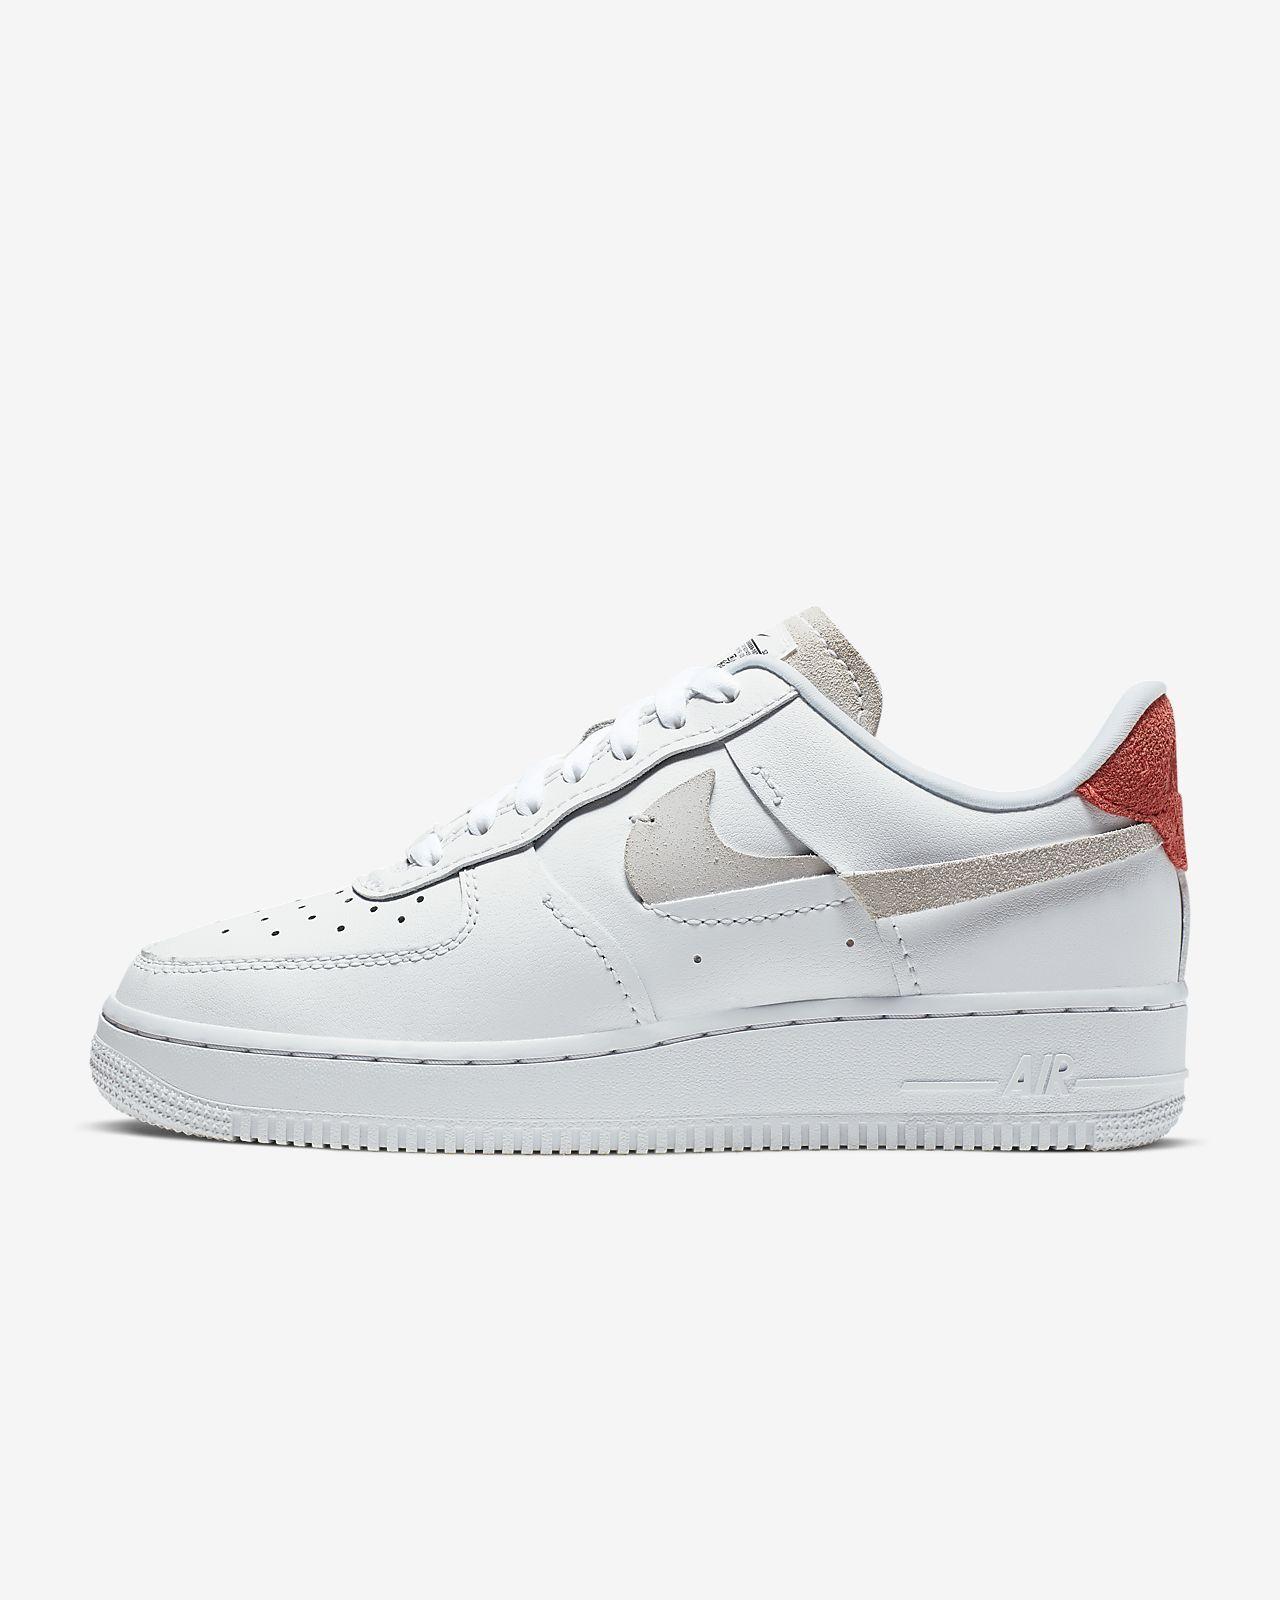 Elaborar Nuez pirámide  Nike Air Force 1 '07 Lux Women's Shoe. Nike.com | Nike air force, Nike air, Nike  shoes women